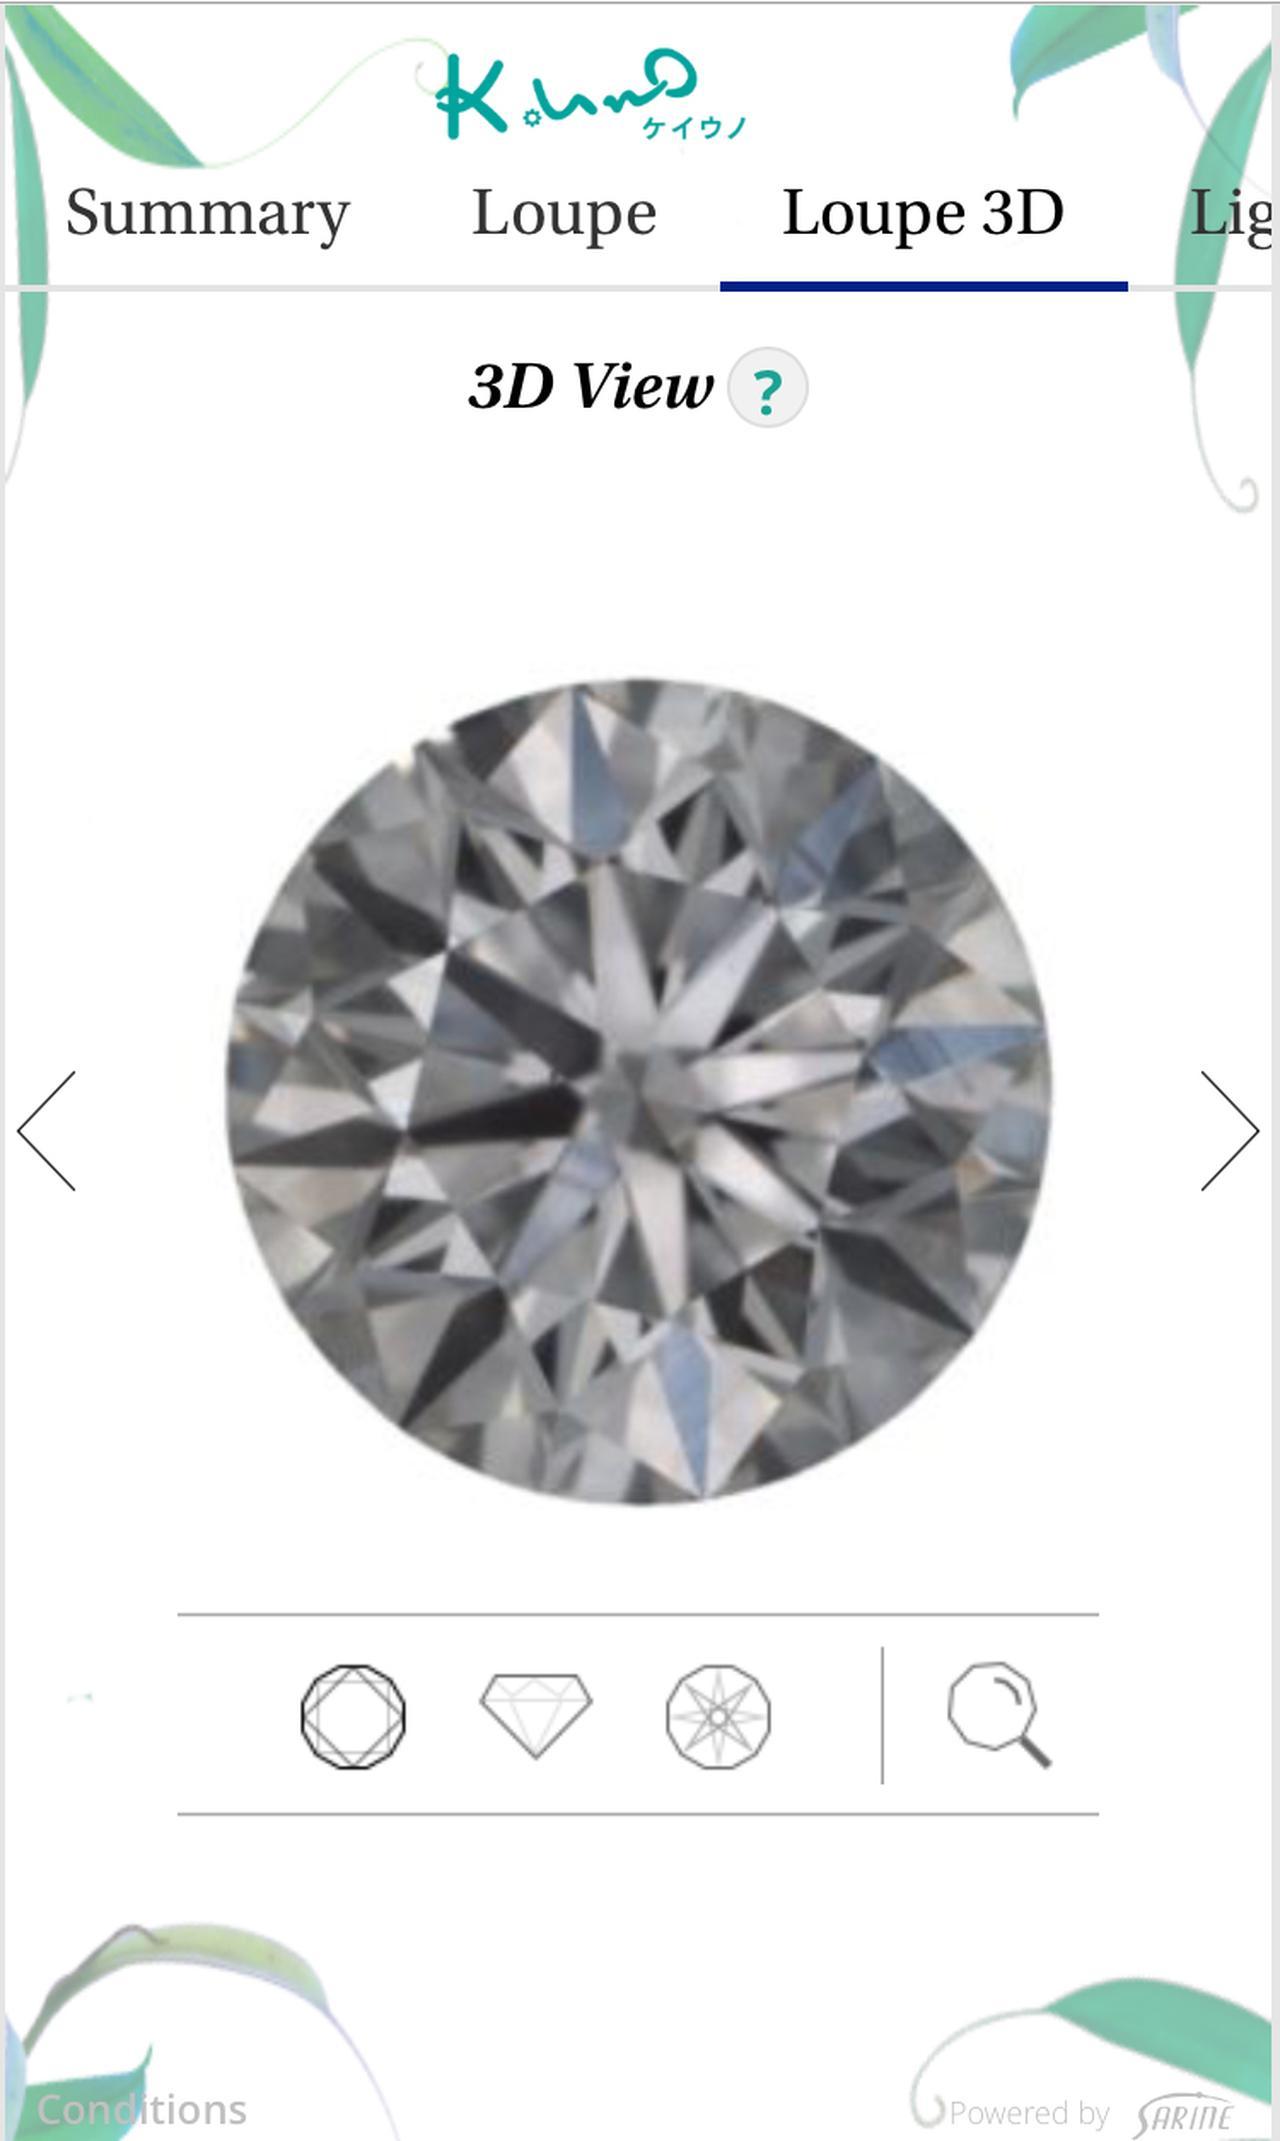 画像3: 【体験レポ】スマホ・タブレットで、より身近に!日本初導入「ケイ・ウノ」ダイヤモンドのデジタル鑑定書が凄い!